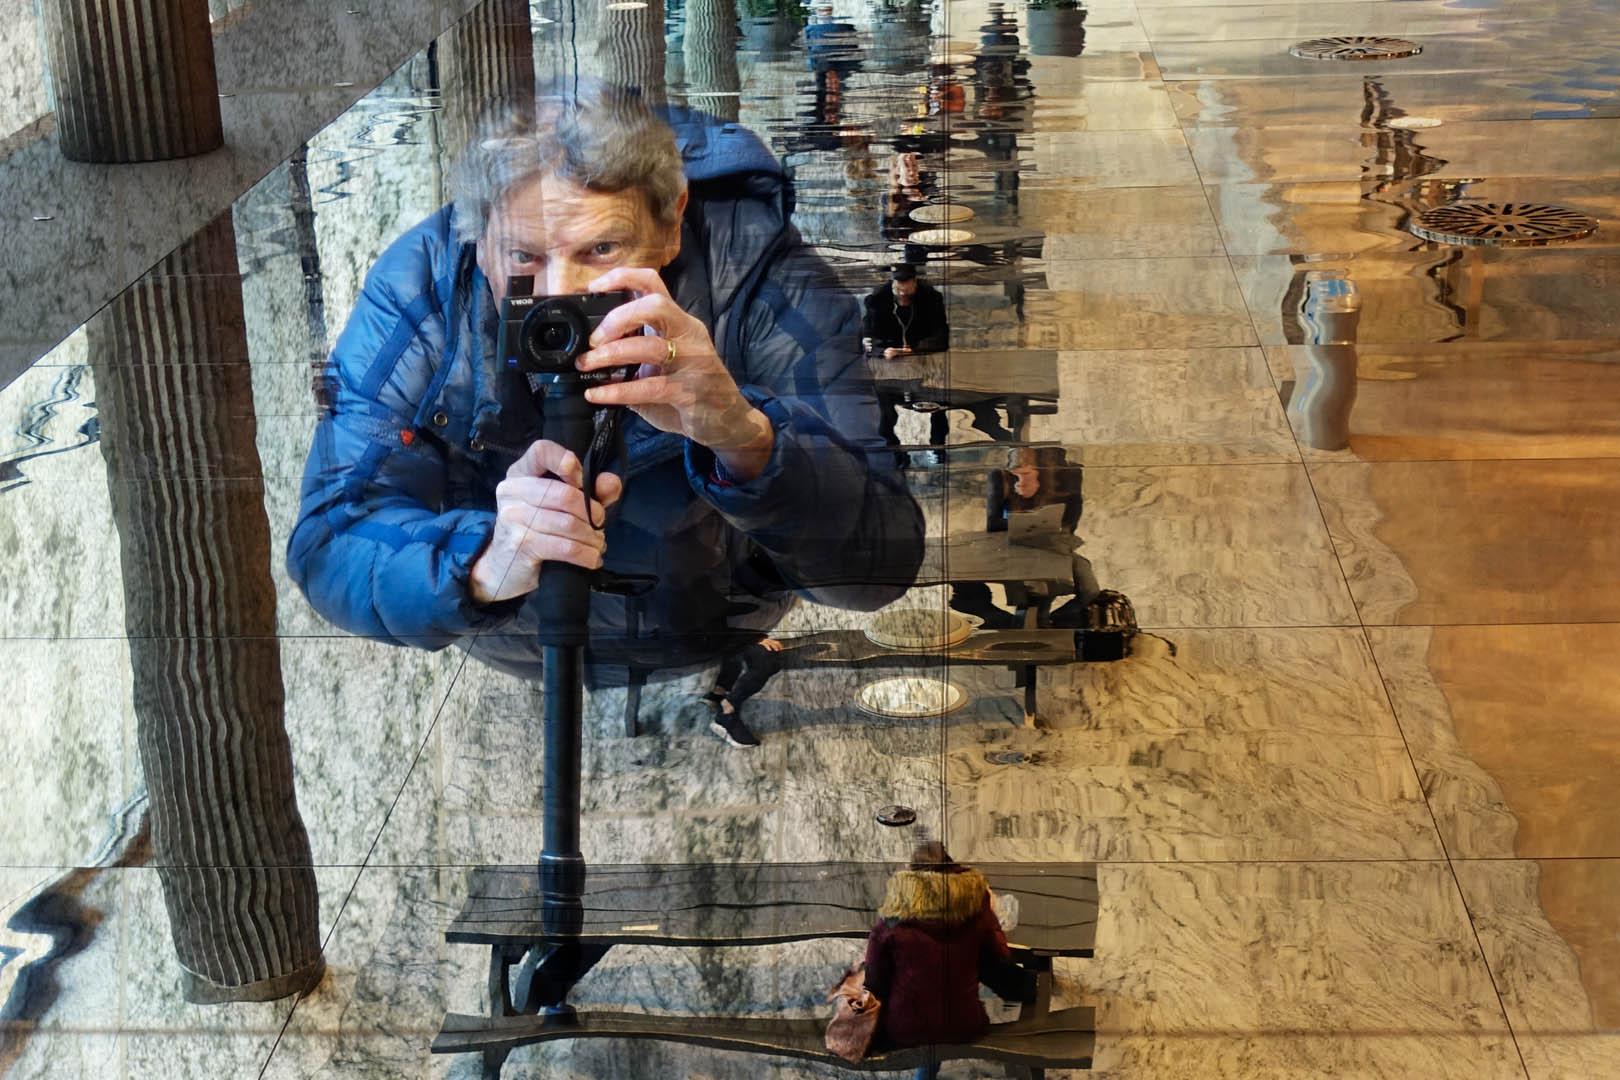 Fotograaf-in-beeld.jpg